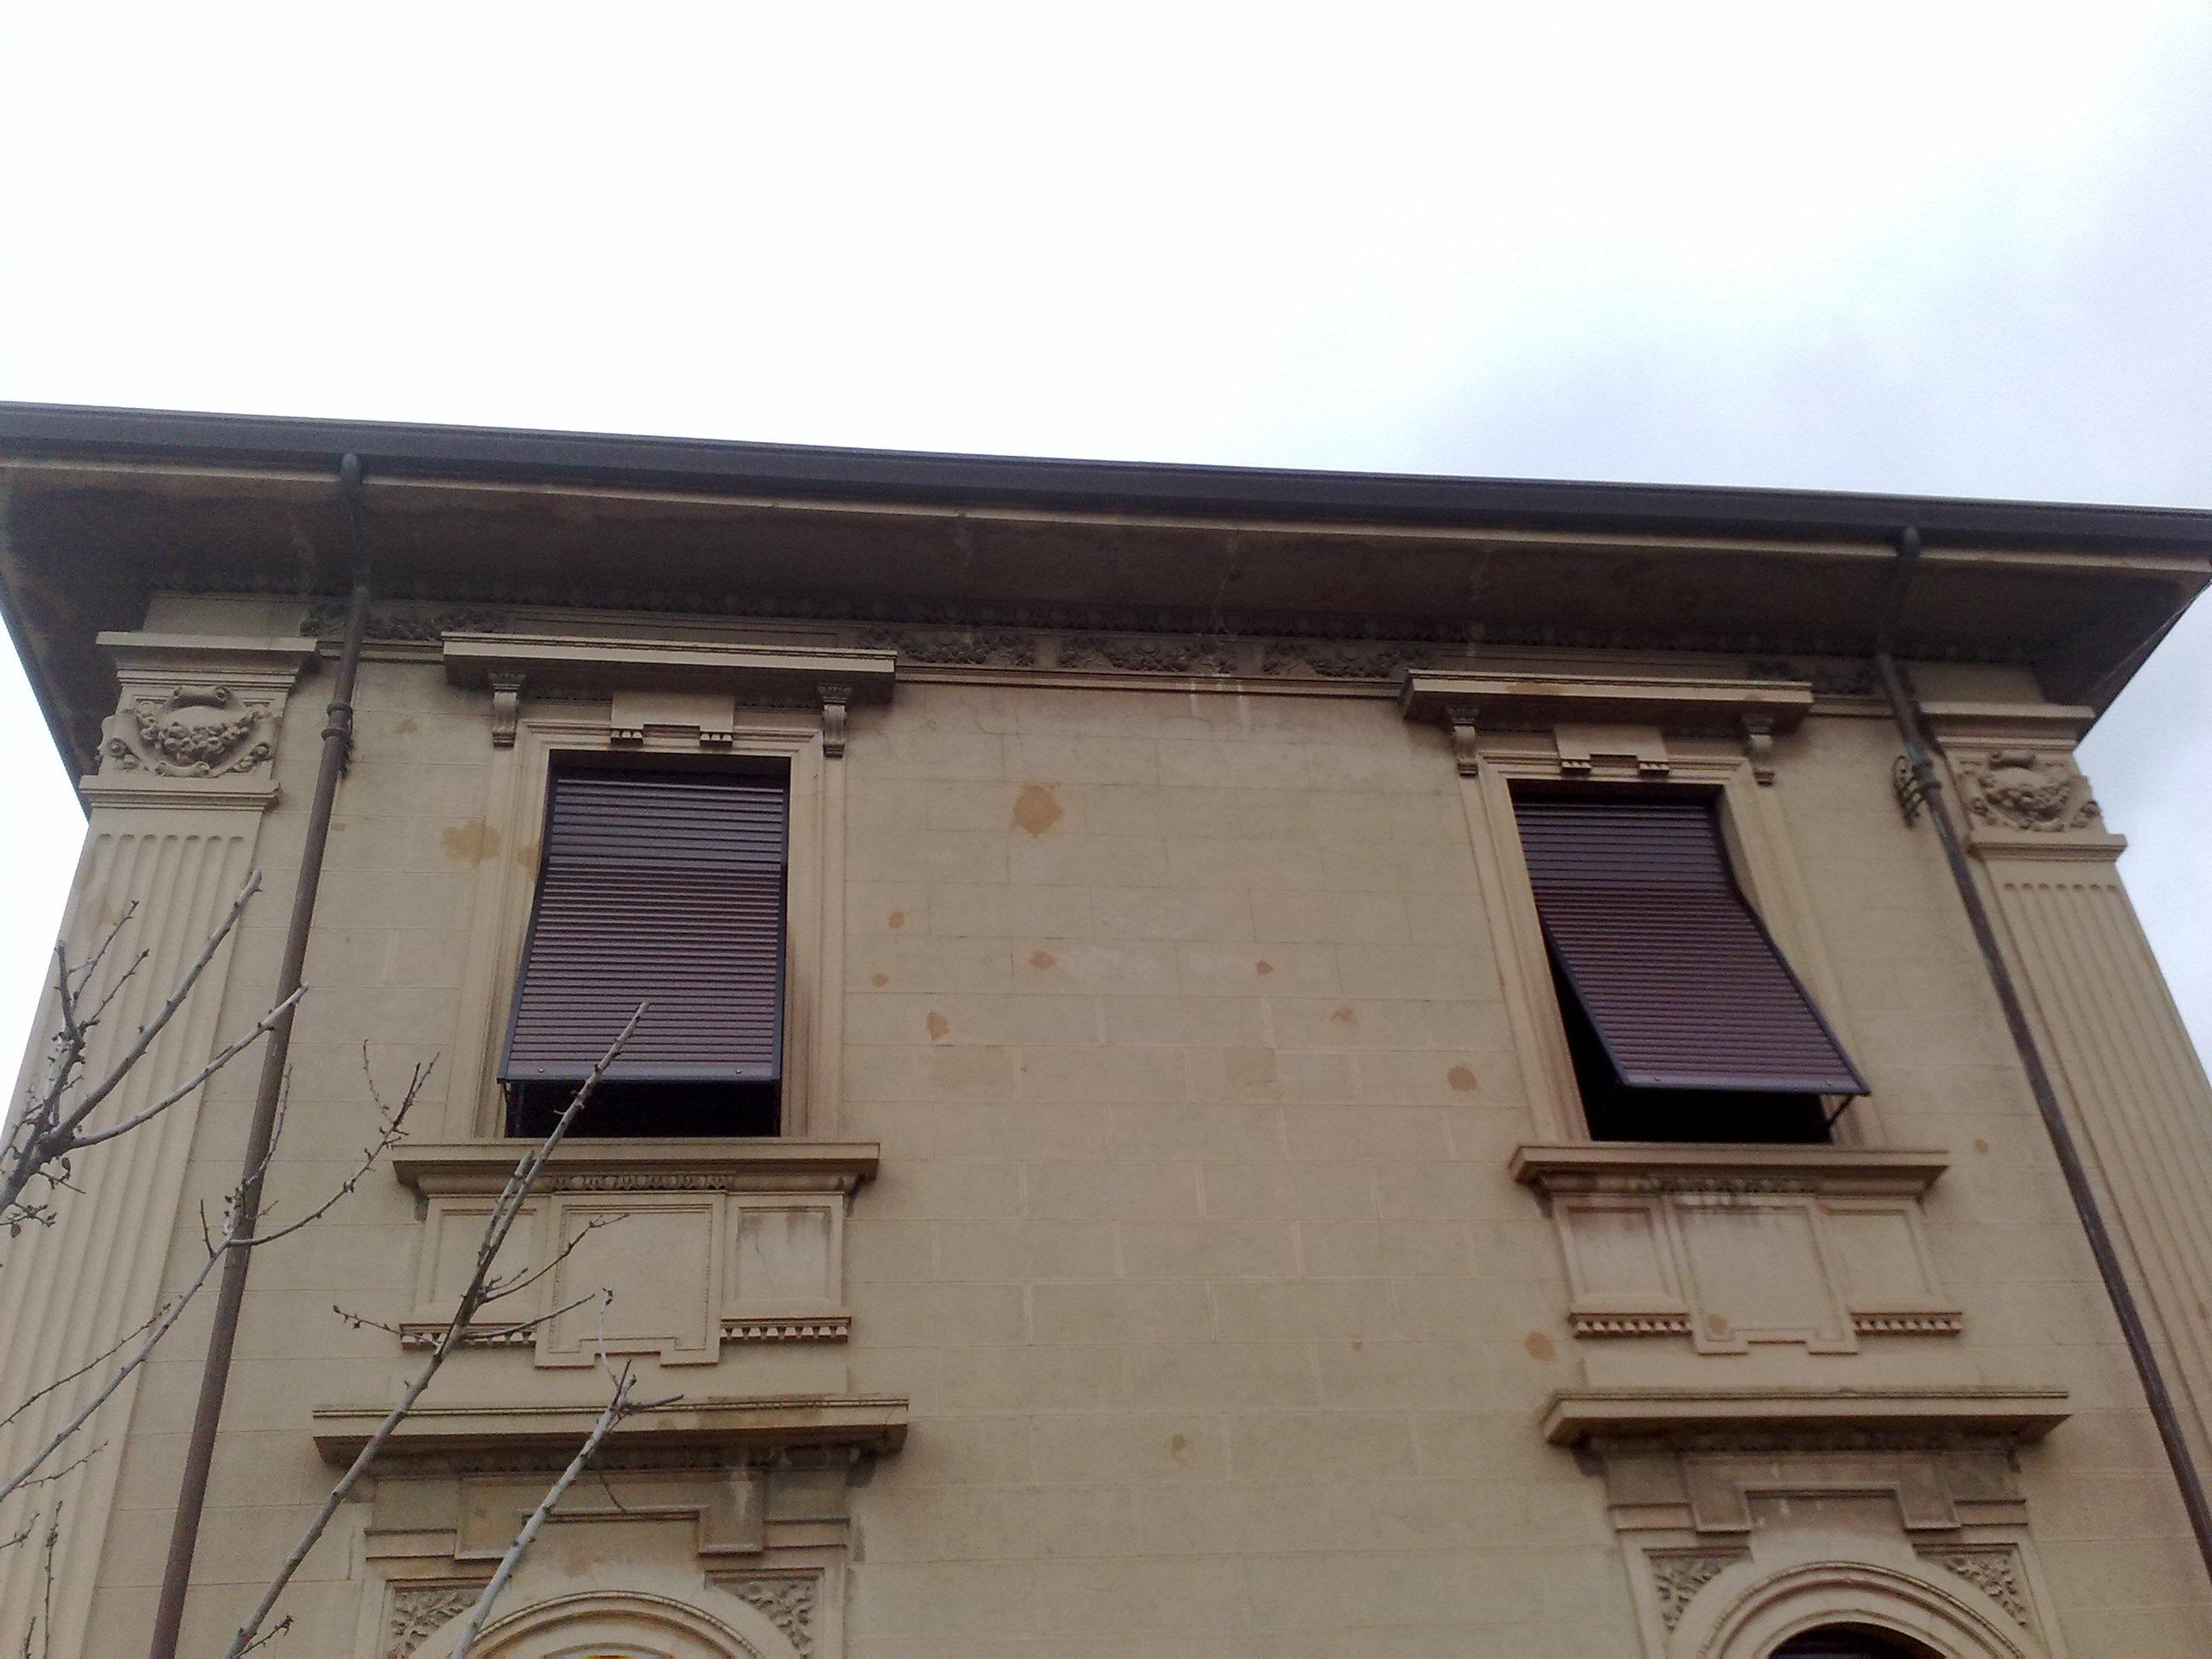 Ristrutturazione facciata e copertuta in legno edilizia dell 39 amico - Ristrutturazione finestre in legno ...